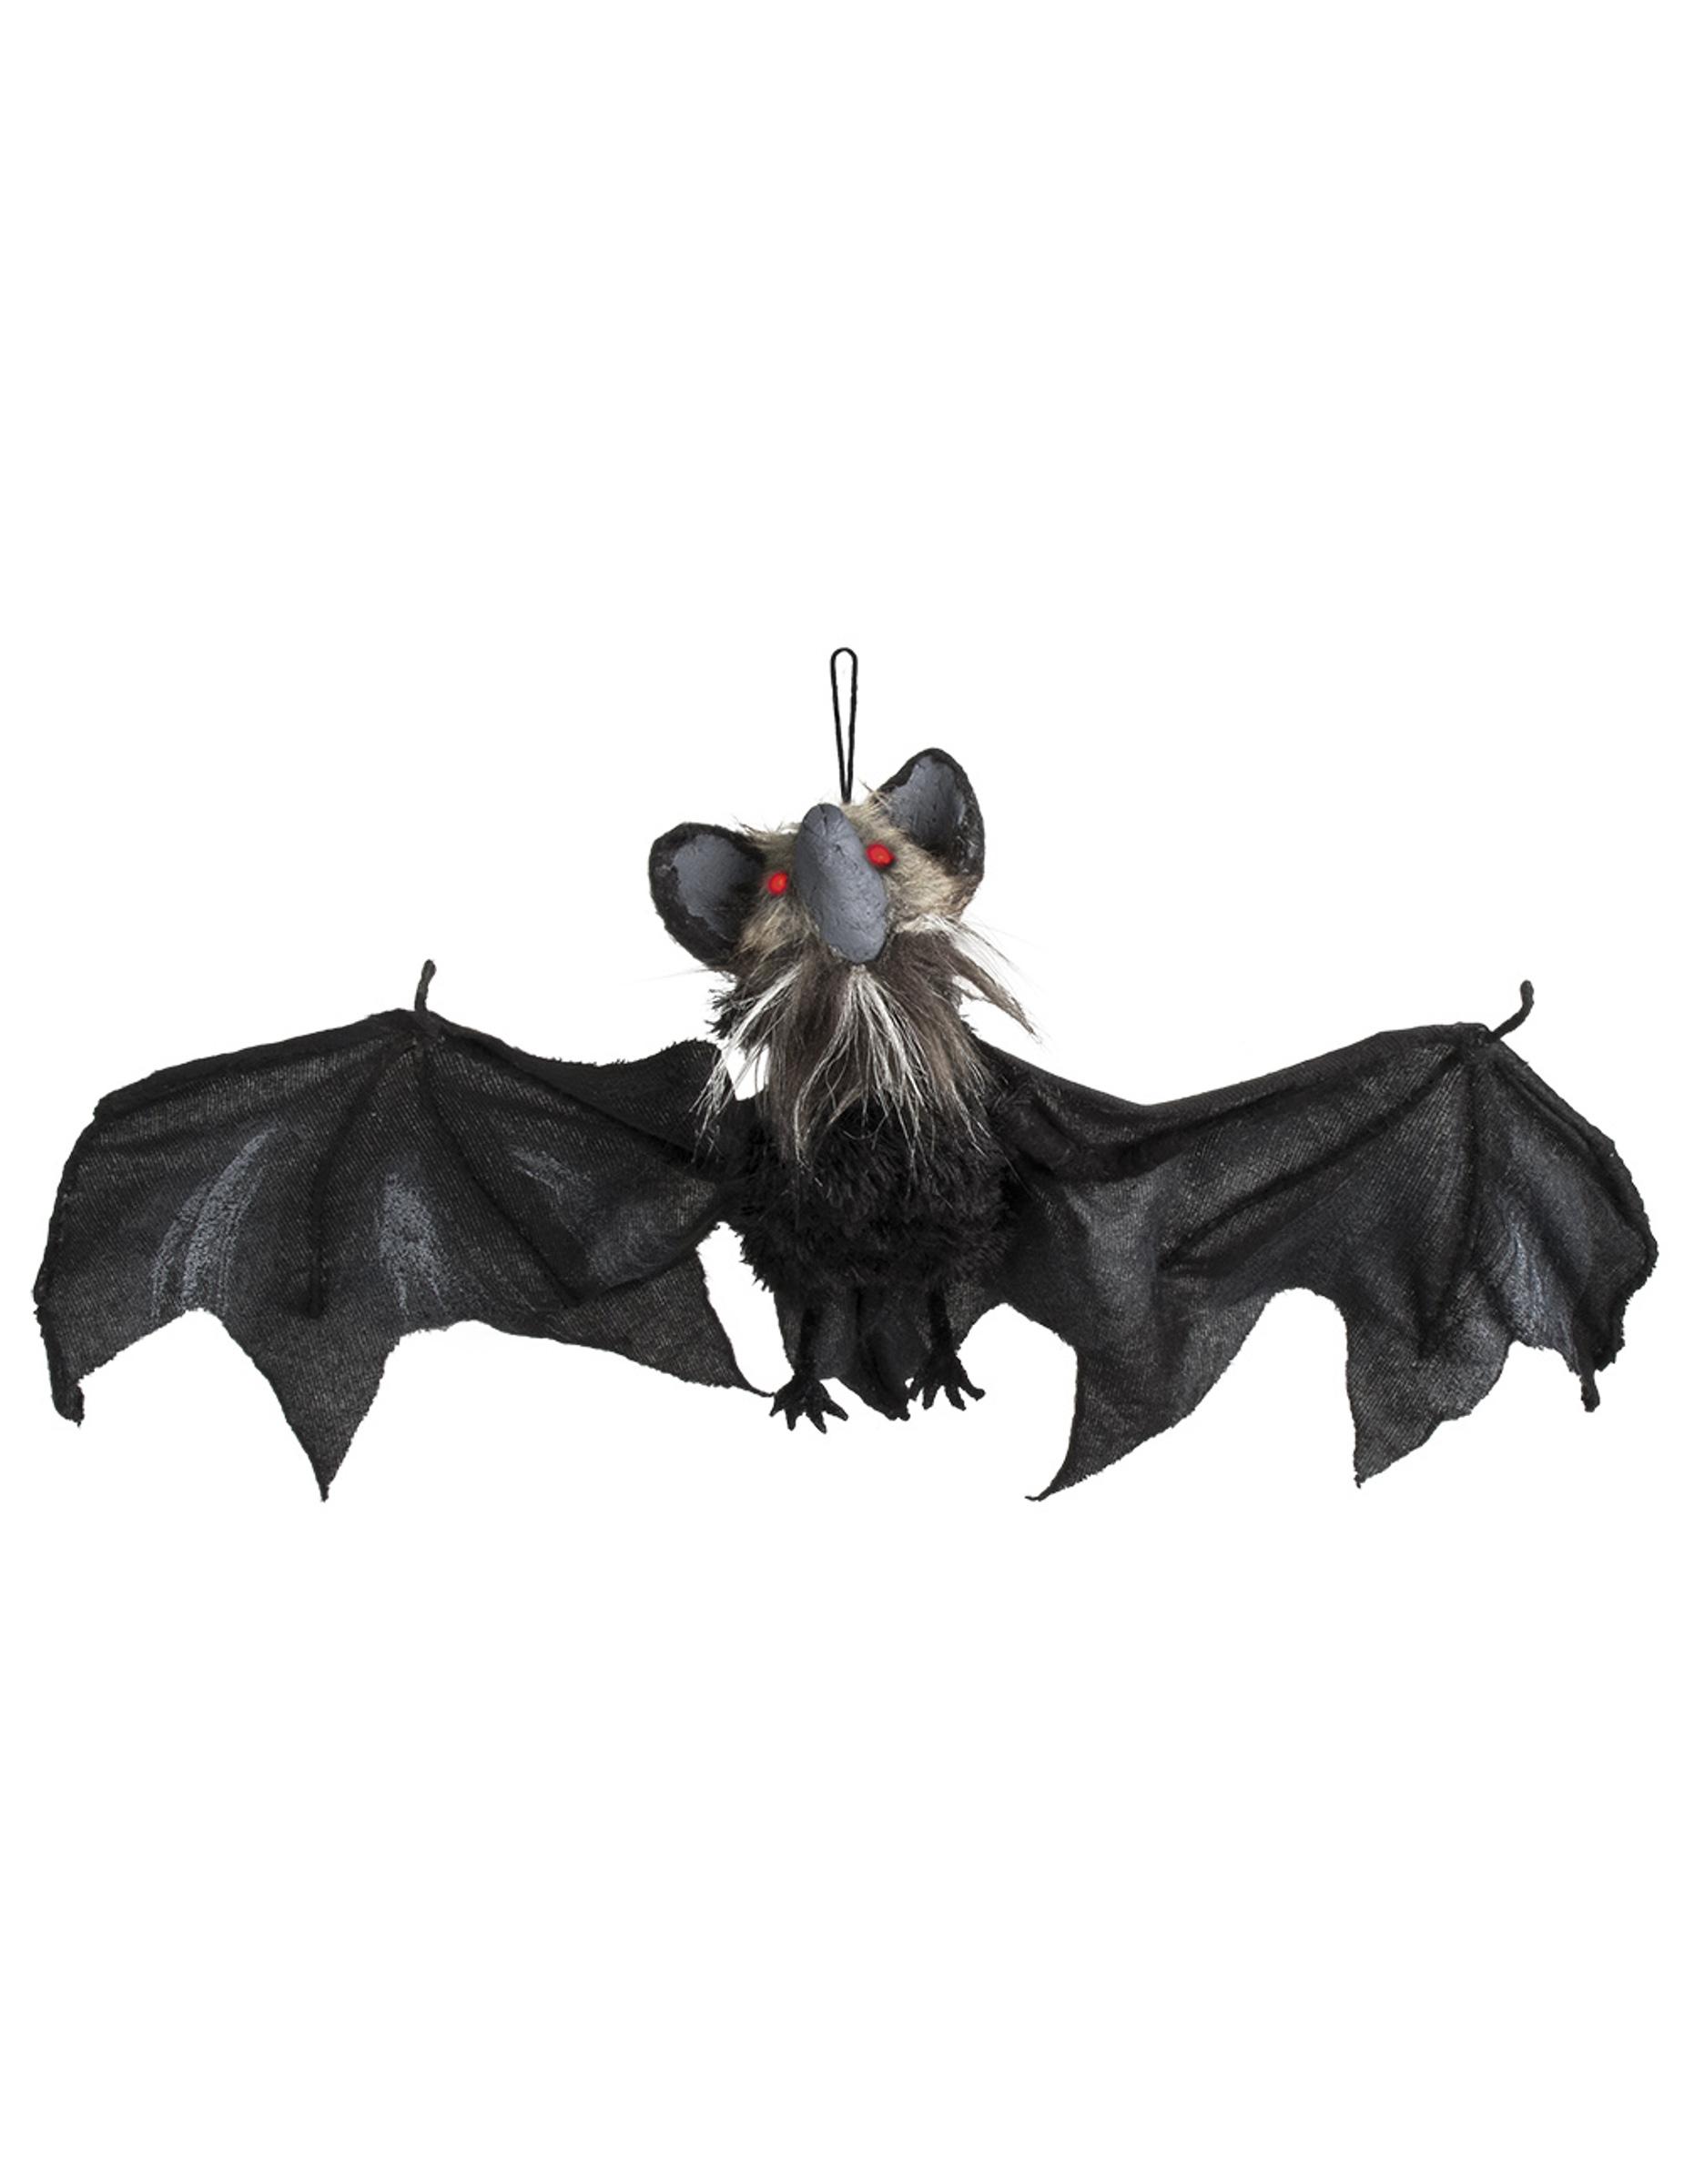 *Schaurige Fledermaus animiert Halloween-Dekoration schwarz 45x80cm*